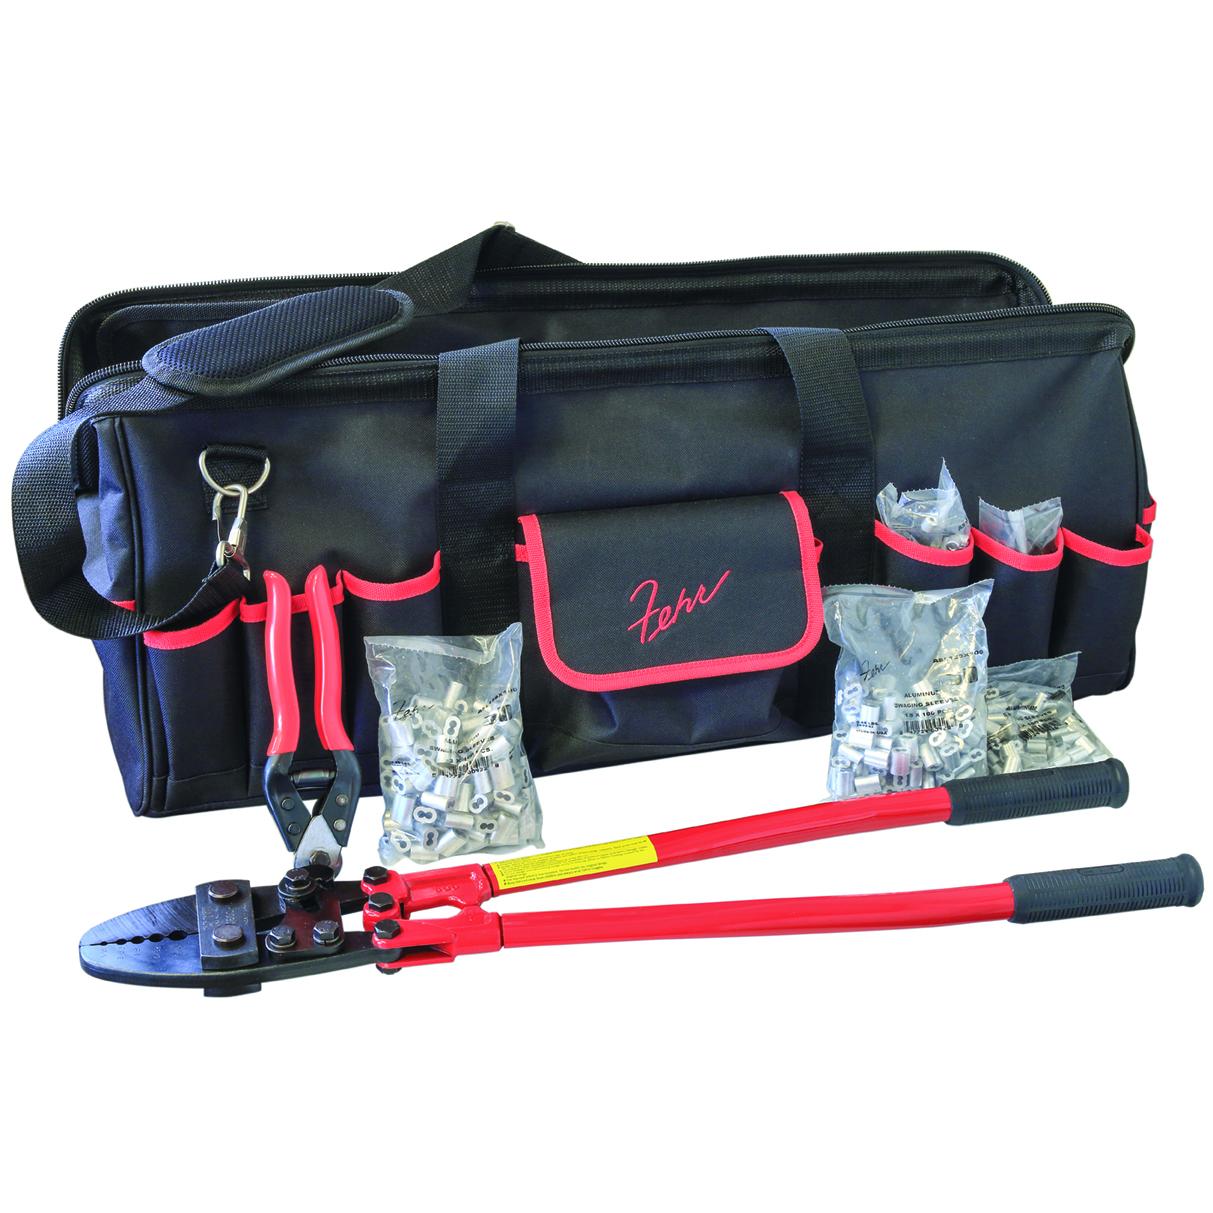 Tool Kits and Tool Bags